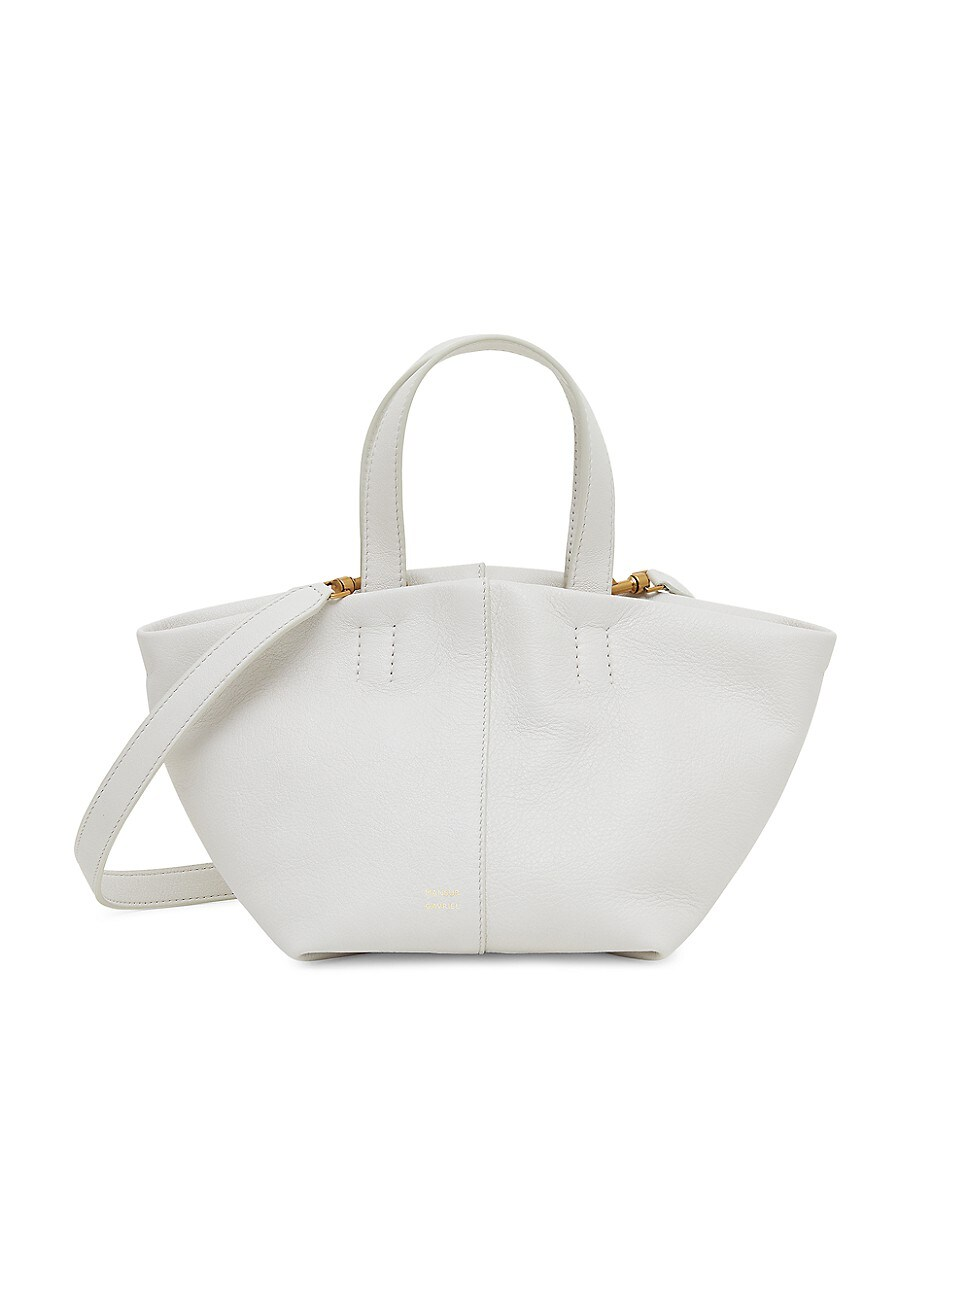 Mansur Gavriel Women's Mini Tulipano Leather Bag In Snow